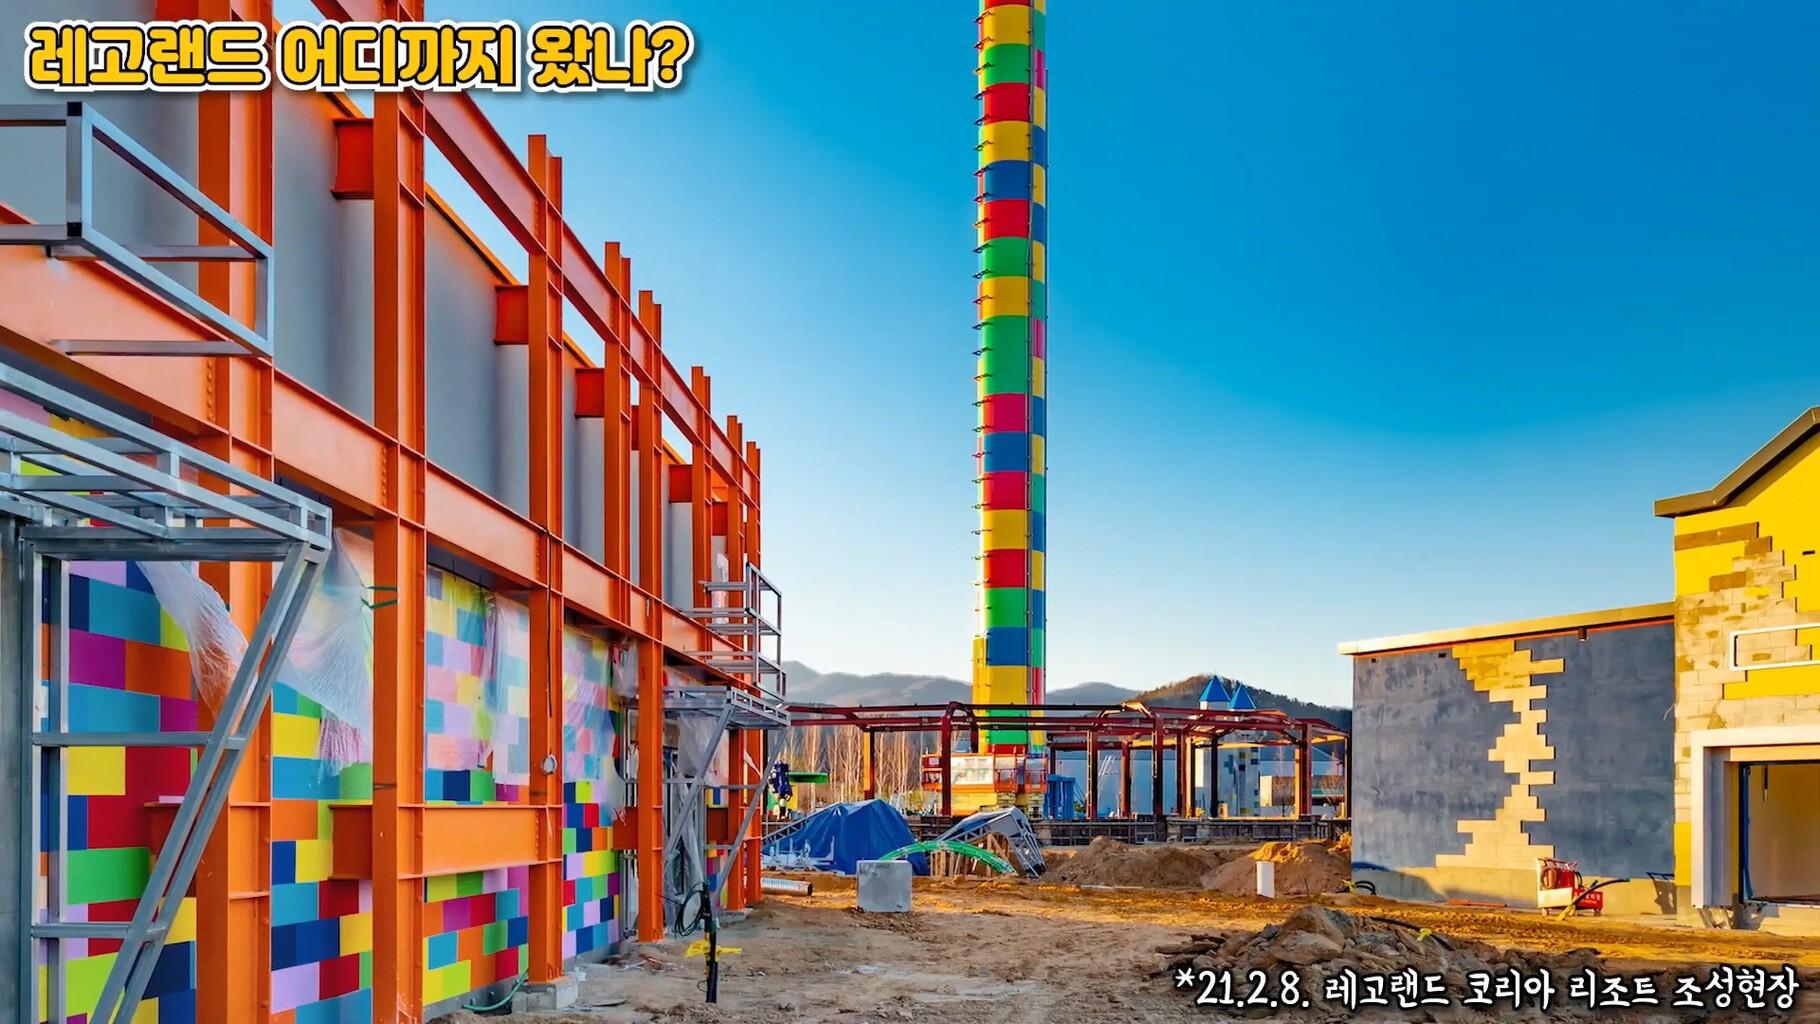 legoland-korea-63197700.jpg